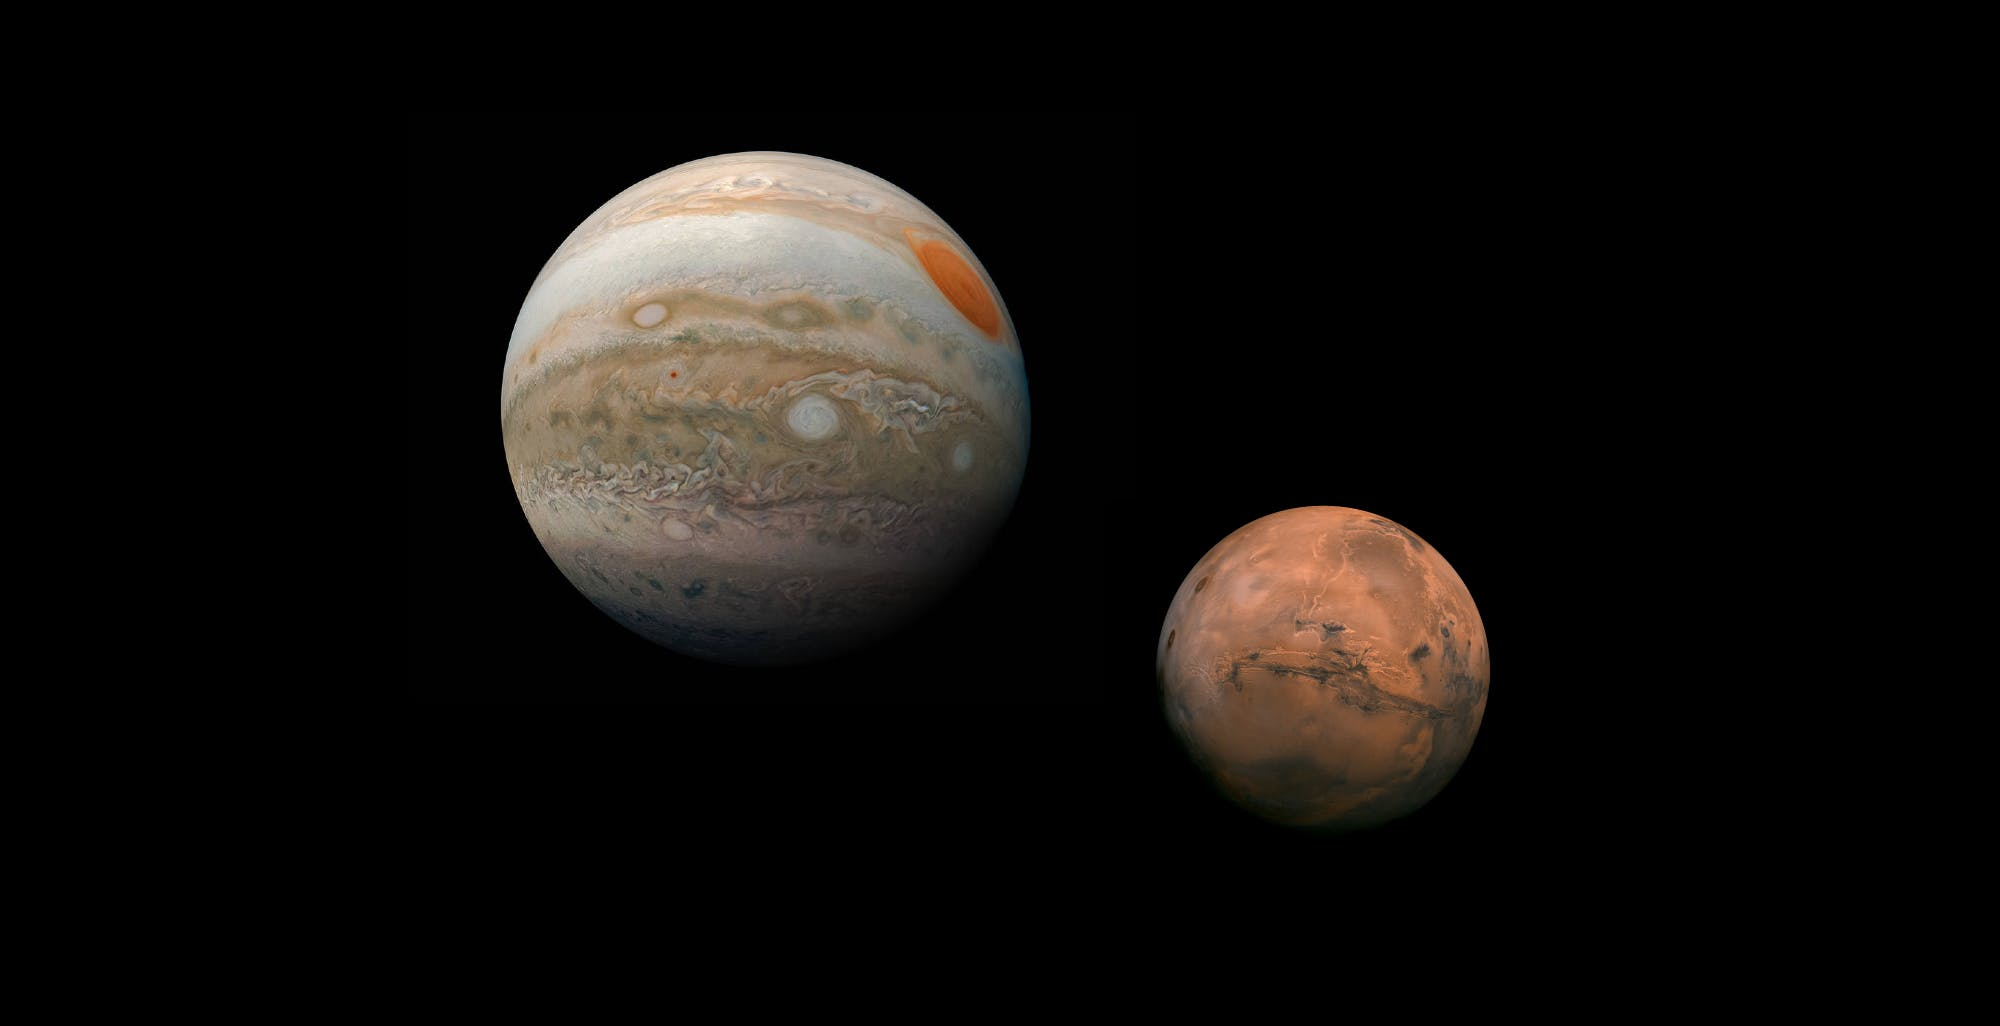 Juno e InSight promosse sul campo. Le missioni NASA continueranno a esplorare Giove e Marte